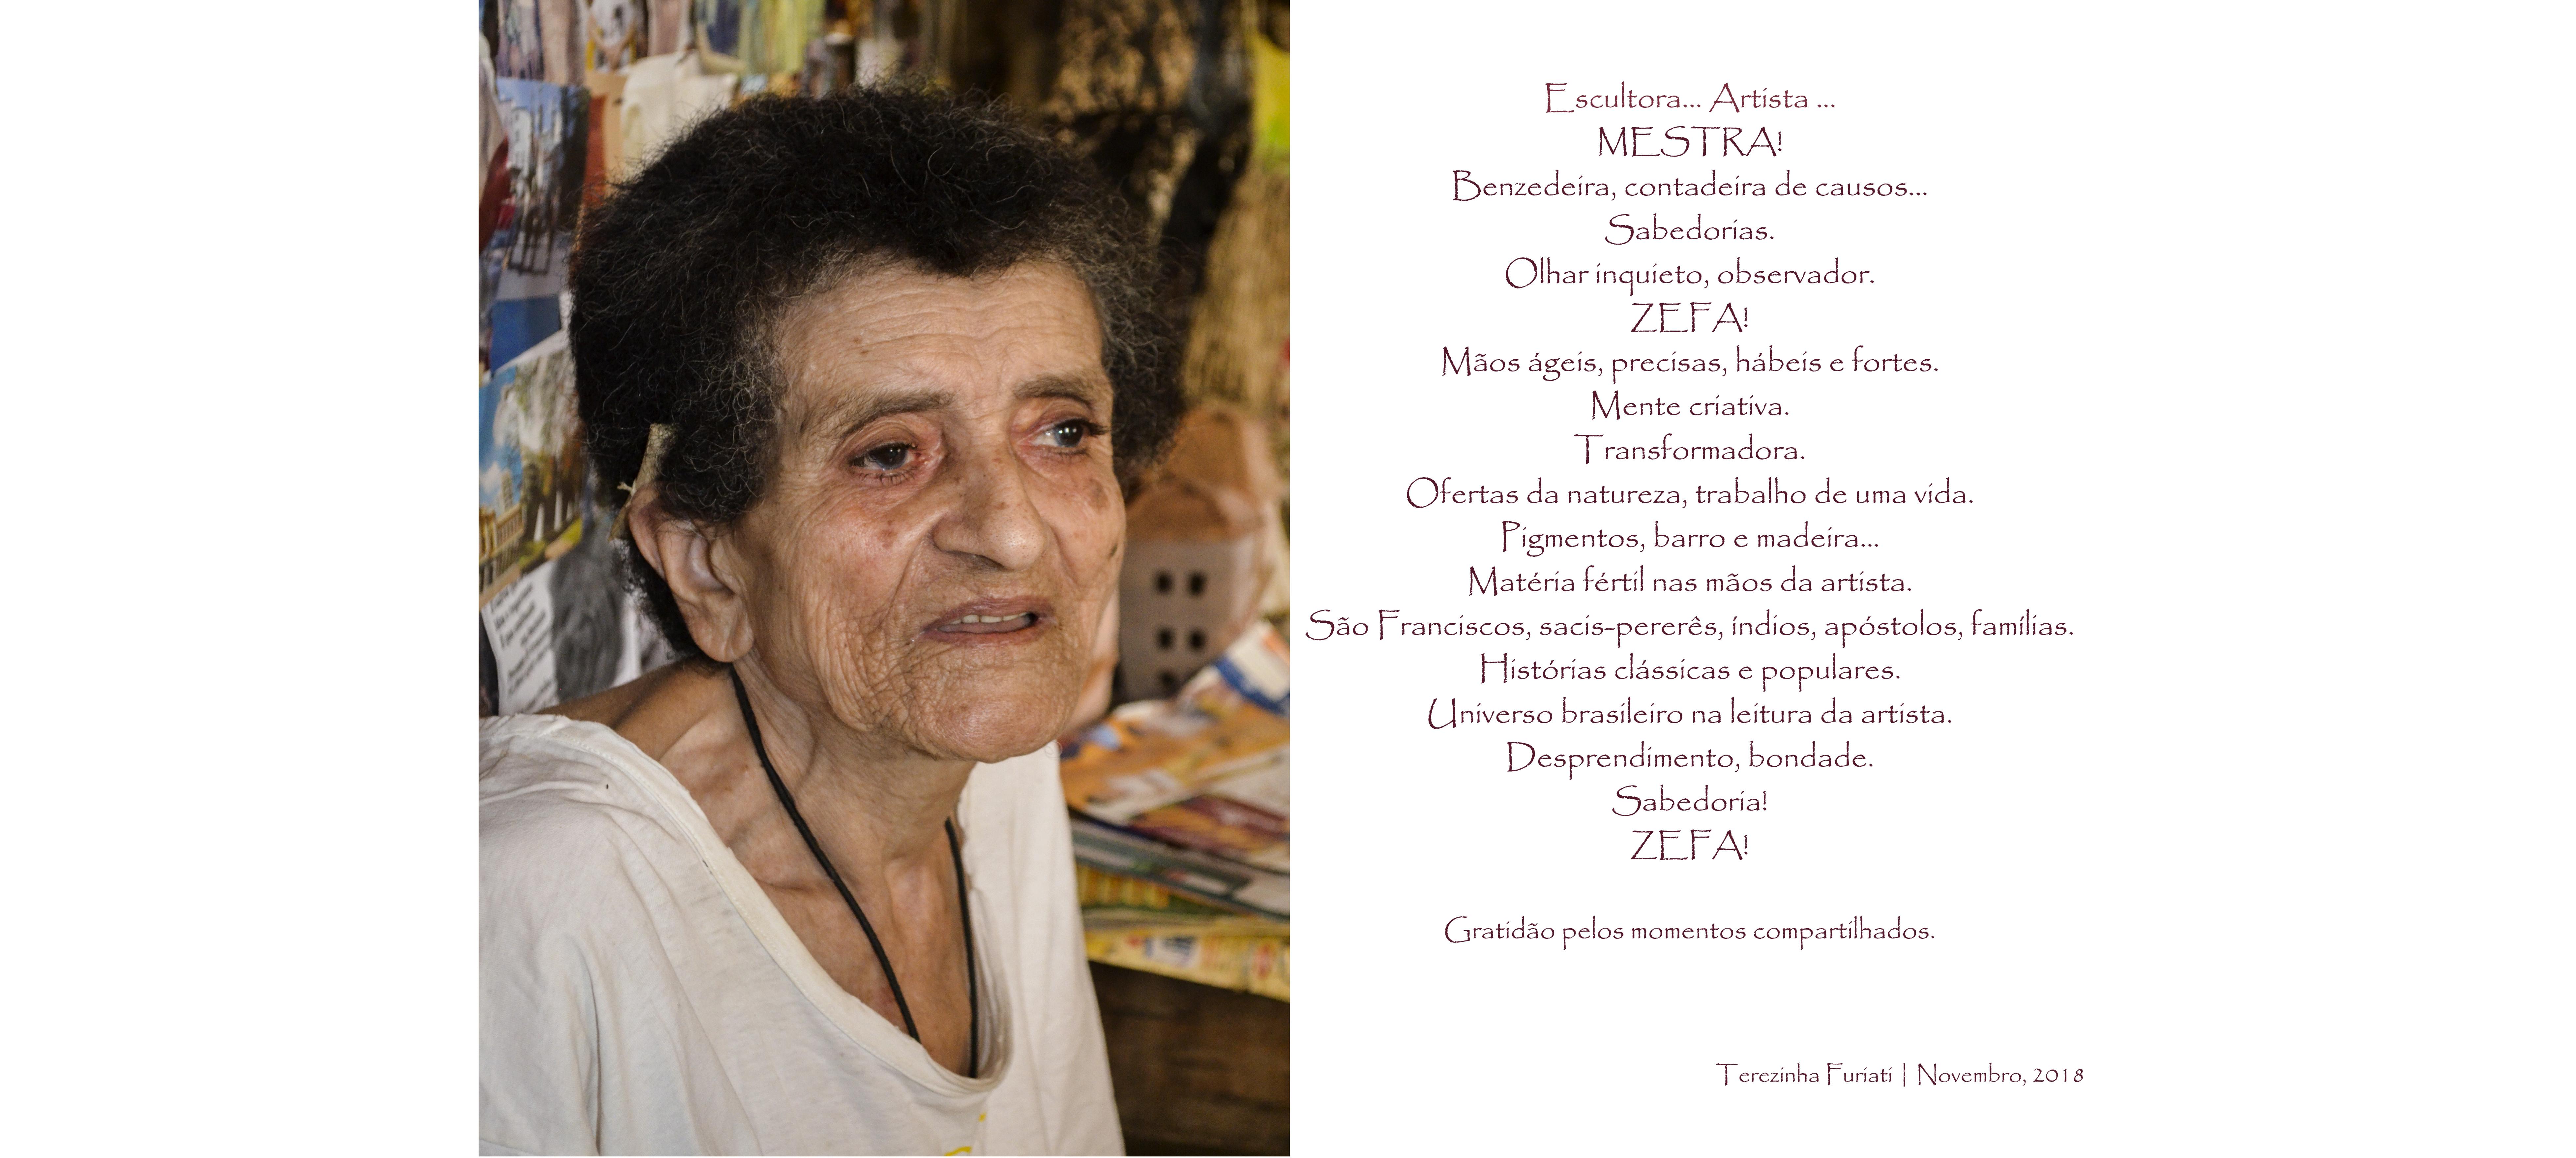 Homenagem a Mestra Zefa